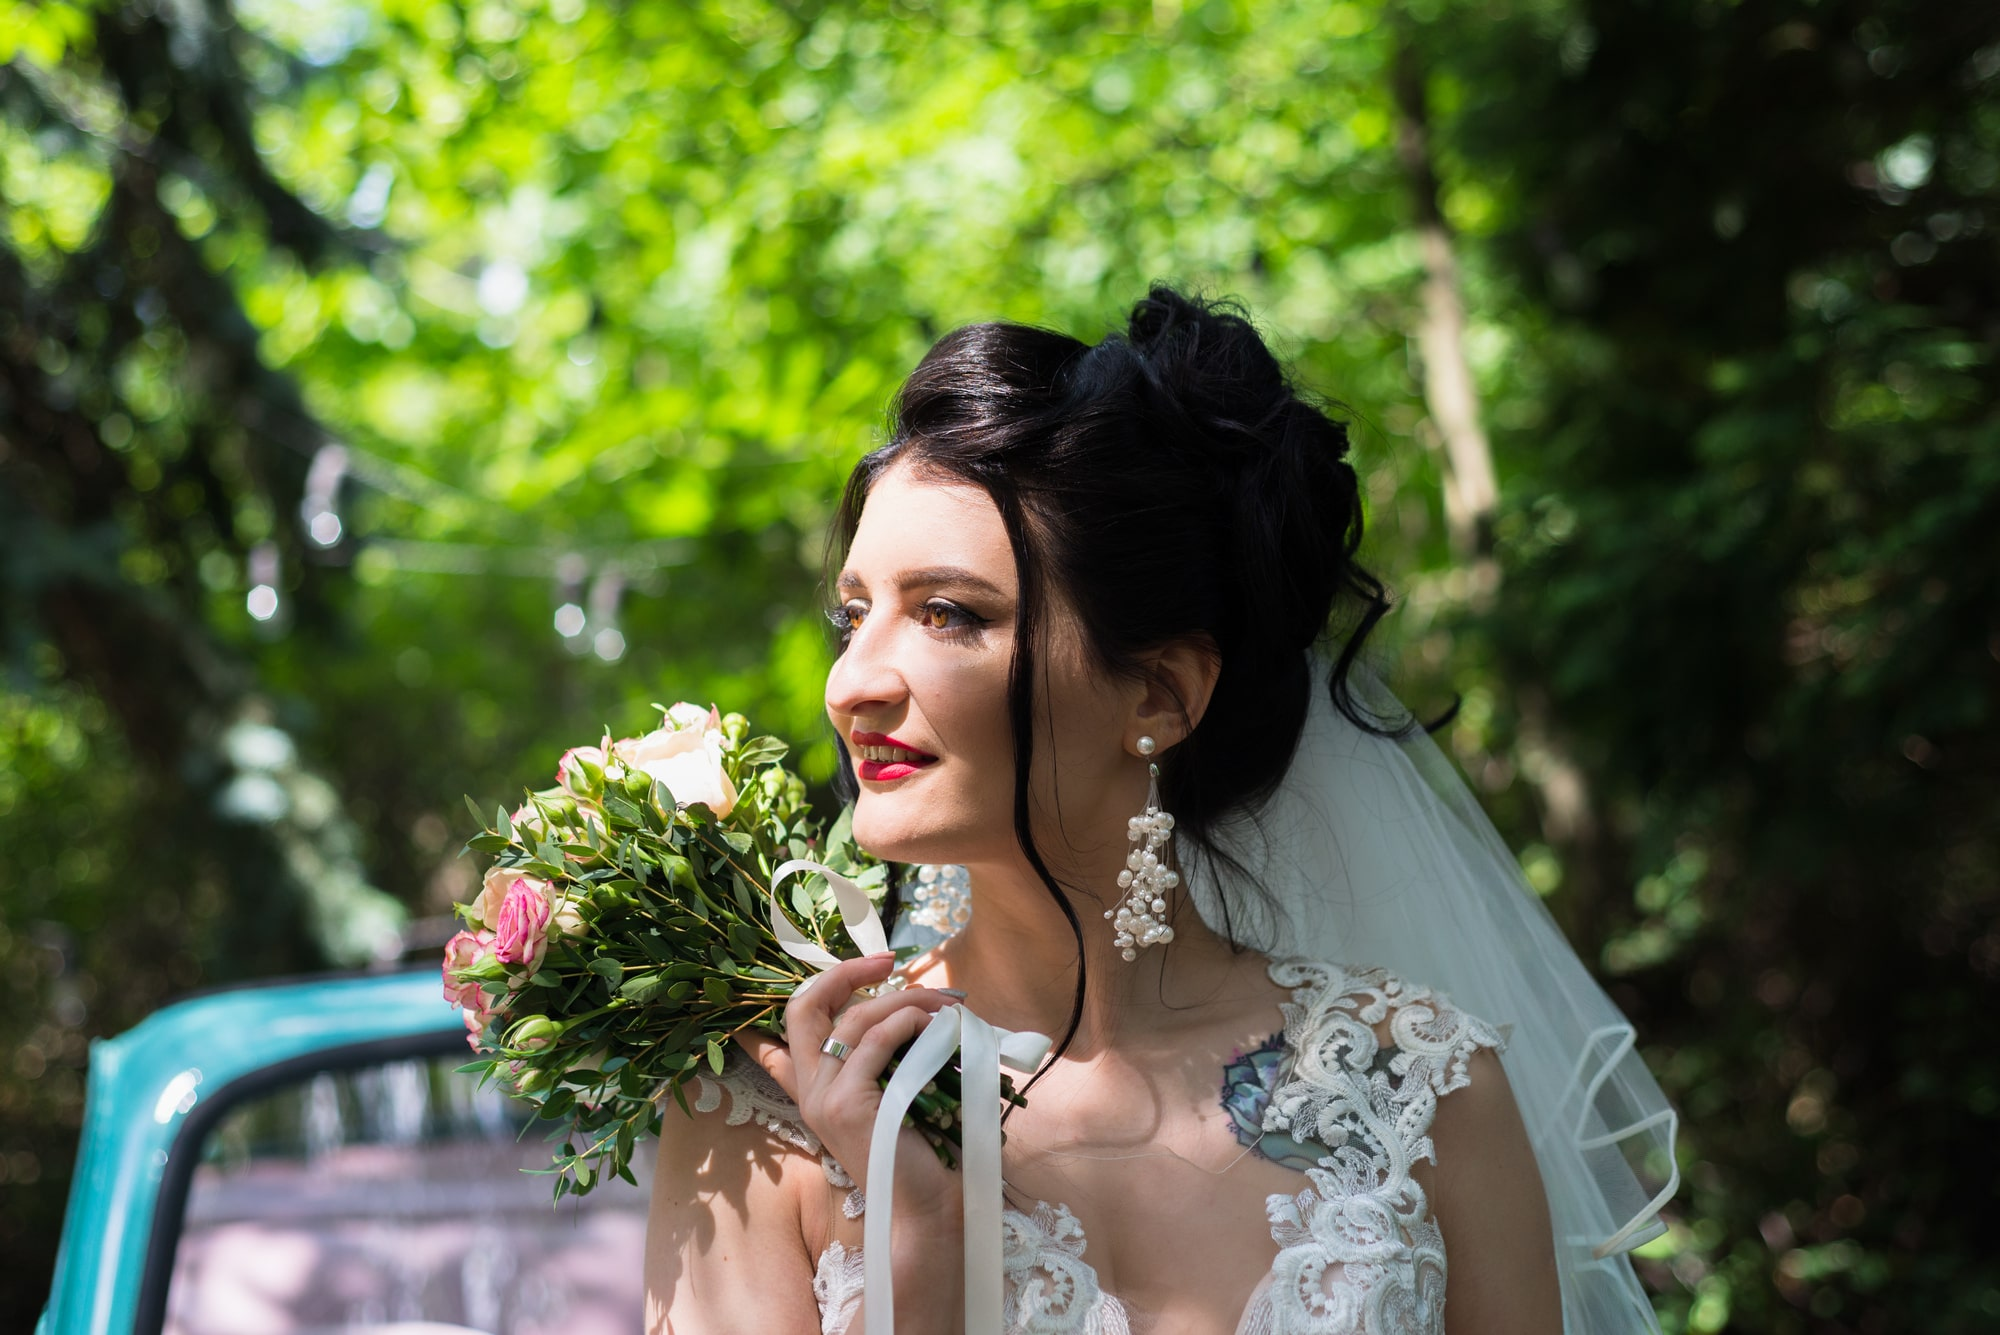 Свадебная фотосессия в студии Play - невеста смотрит вдаль